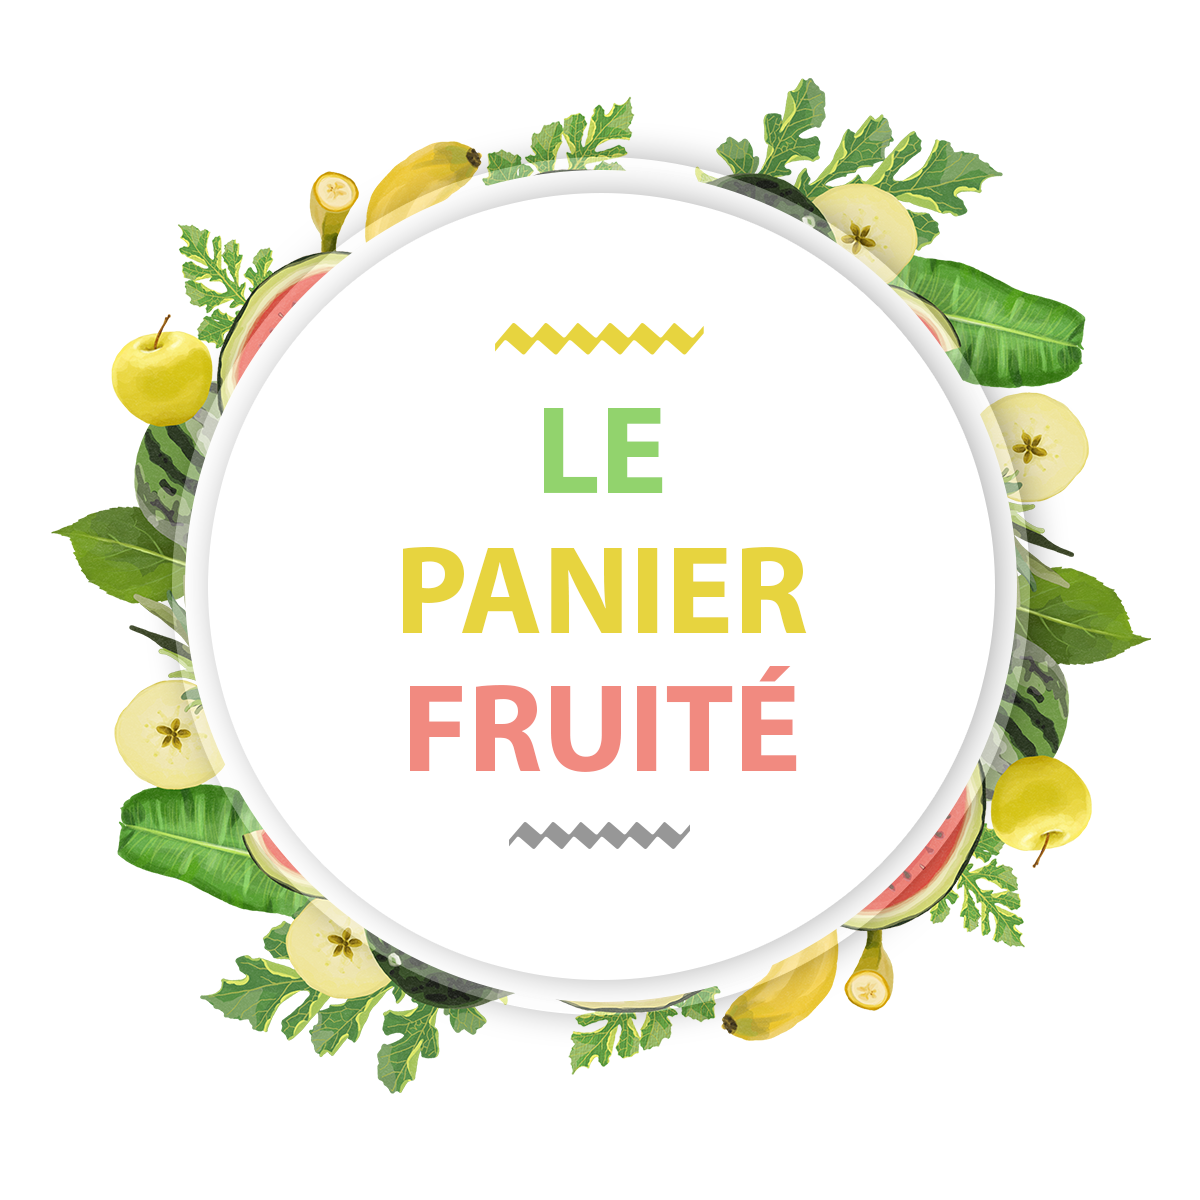 Le Panier Fruité